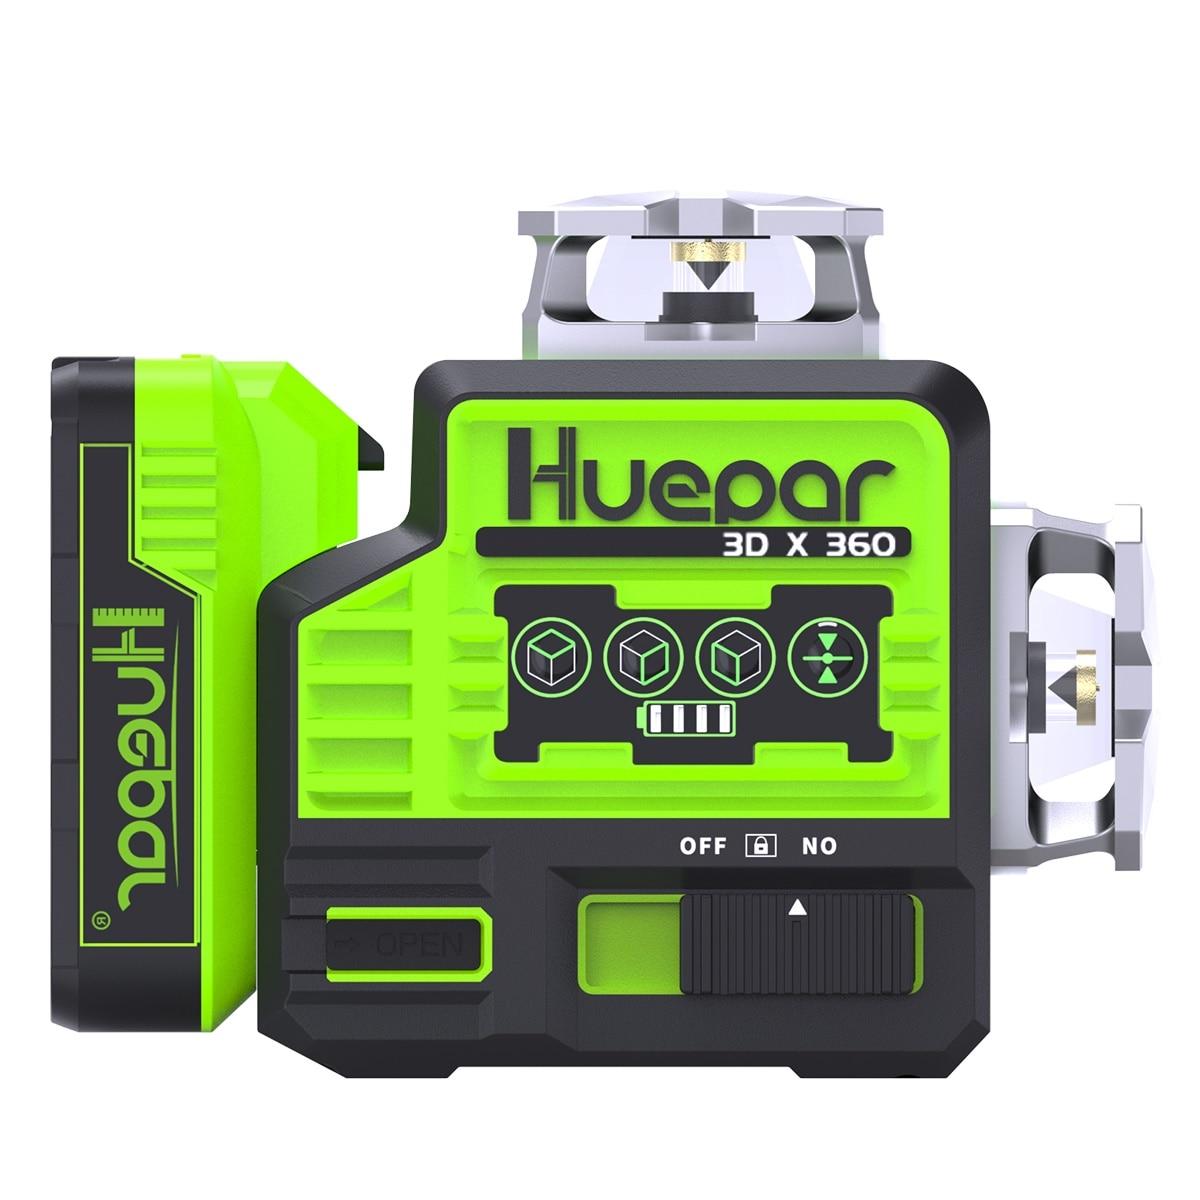 Huepar P03CG ثلاثية الأبعاد 12 خط شعاع أخضر أوسرام مستوى الليزر مع بطارية ديلوت